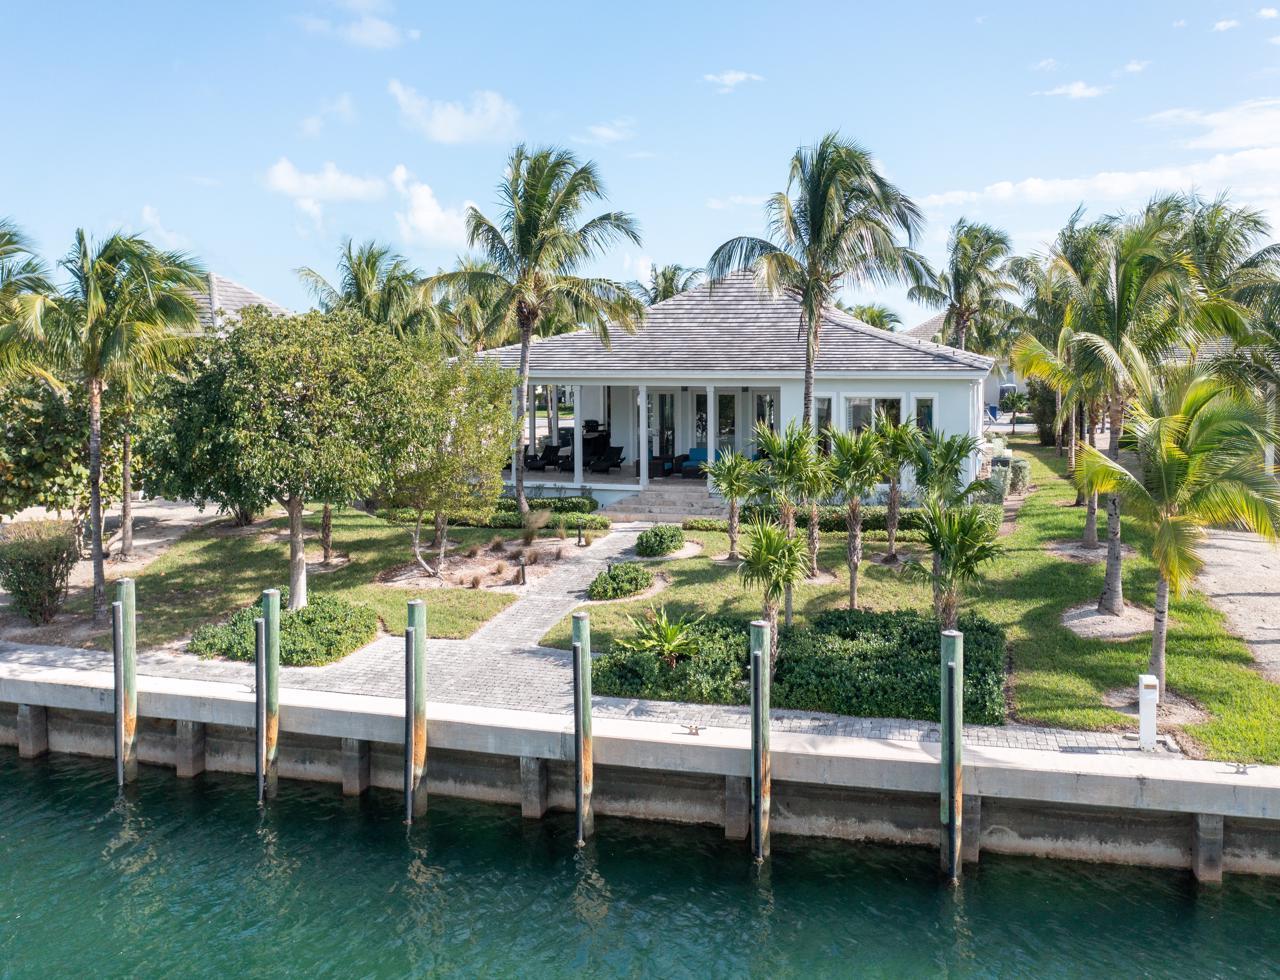 Casa Unifamiliar por un Venta en Bimini Bay, 60700 Bimini Bay Resort North Bimini, Bimini Bahamas